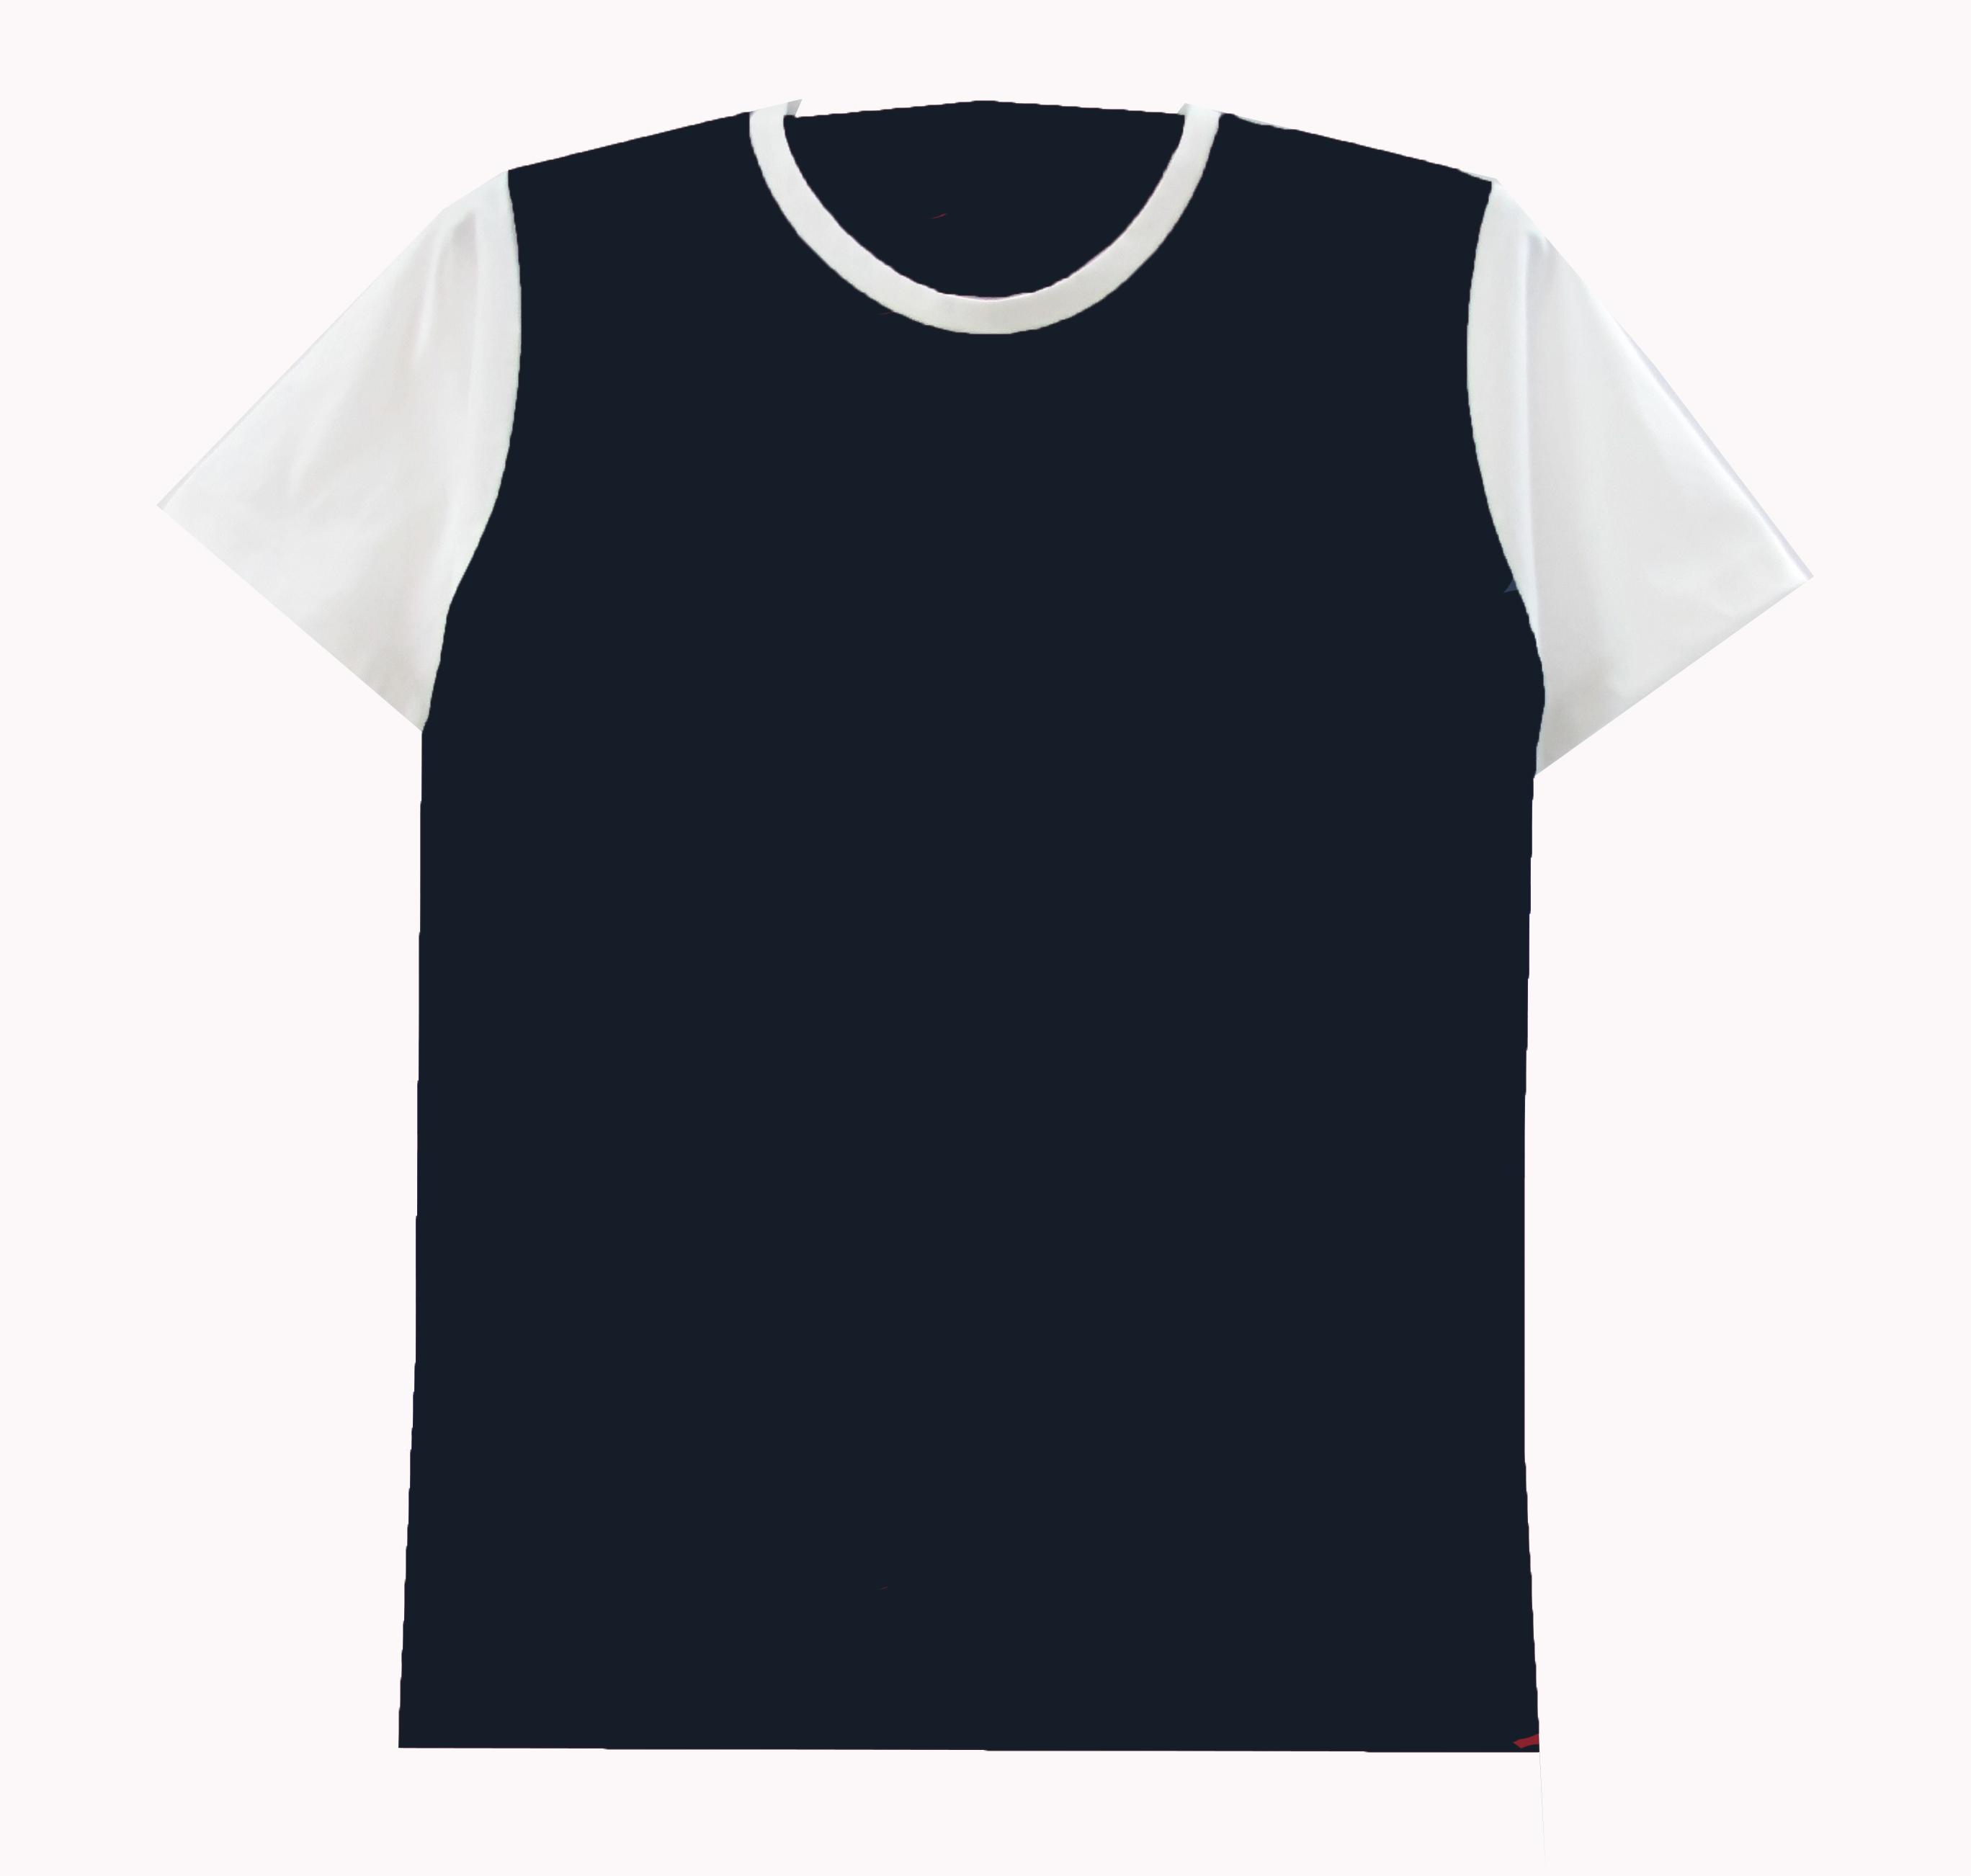 เสื้อตัดต่อตัวสีแขนขาว สีกรม